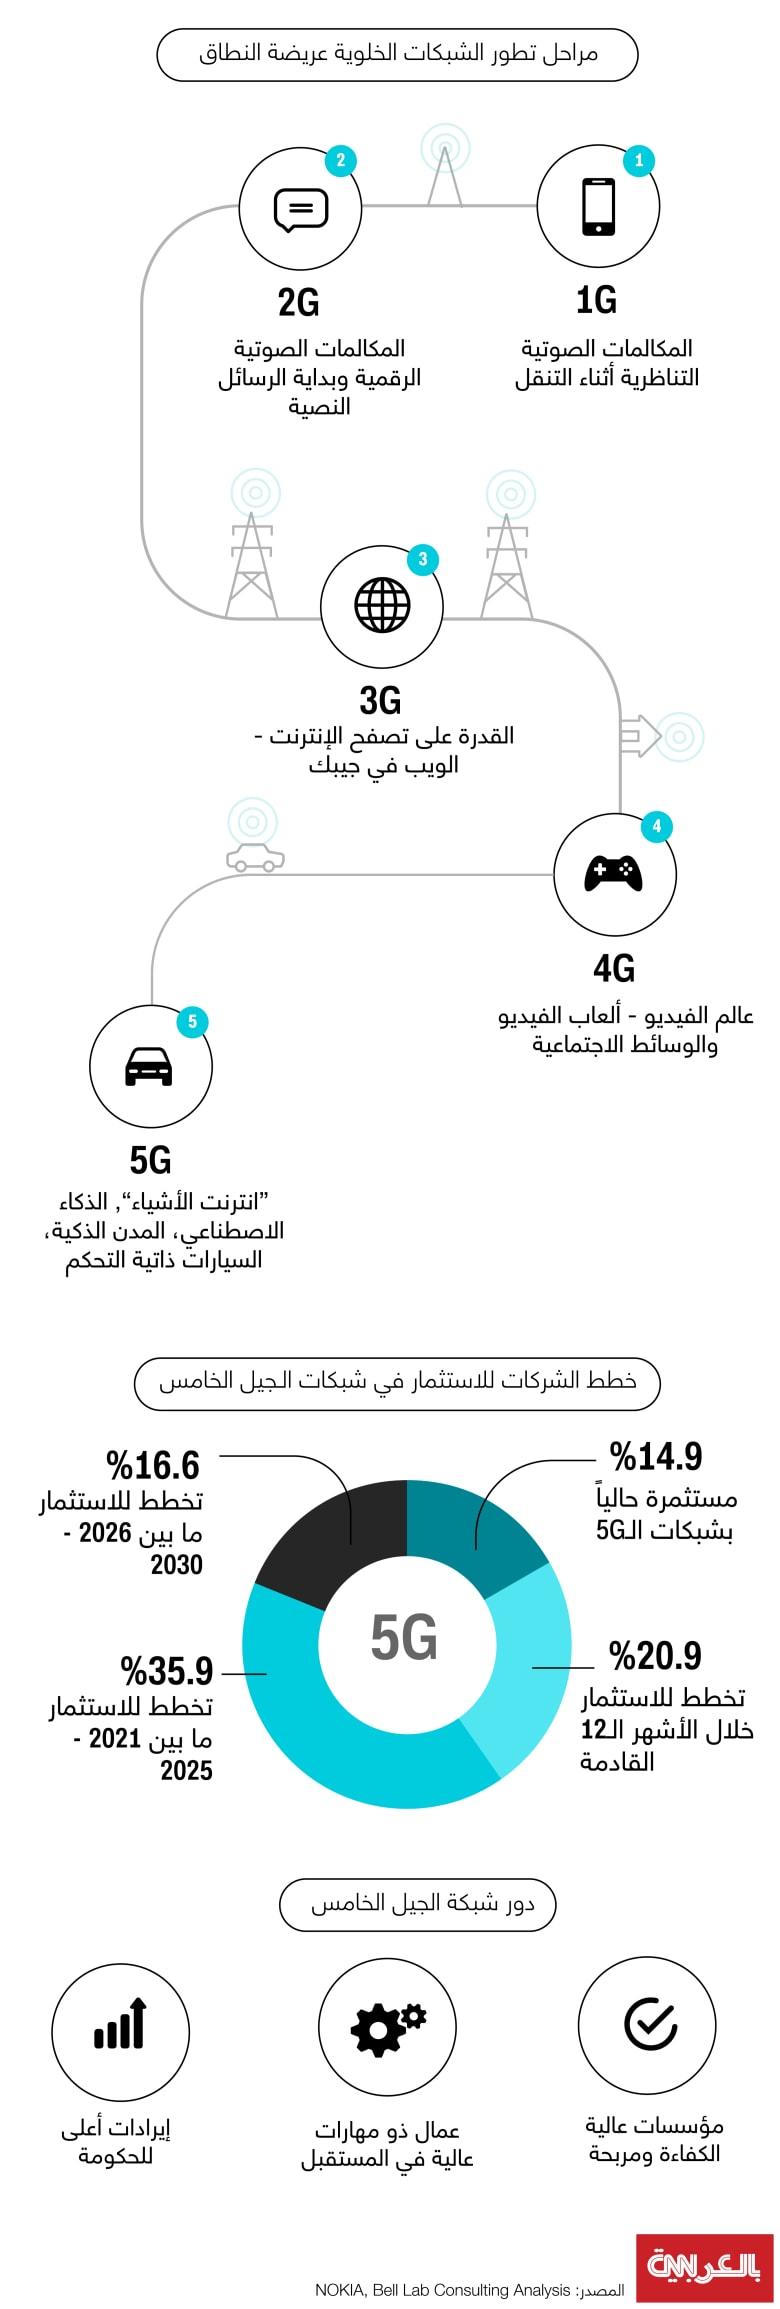 5G-Global-GDP-2030